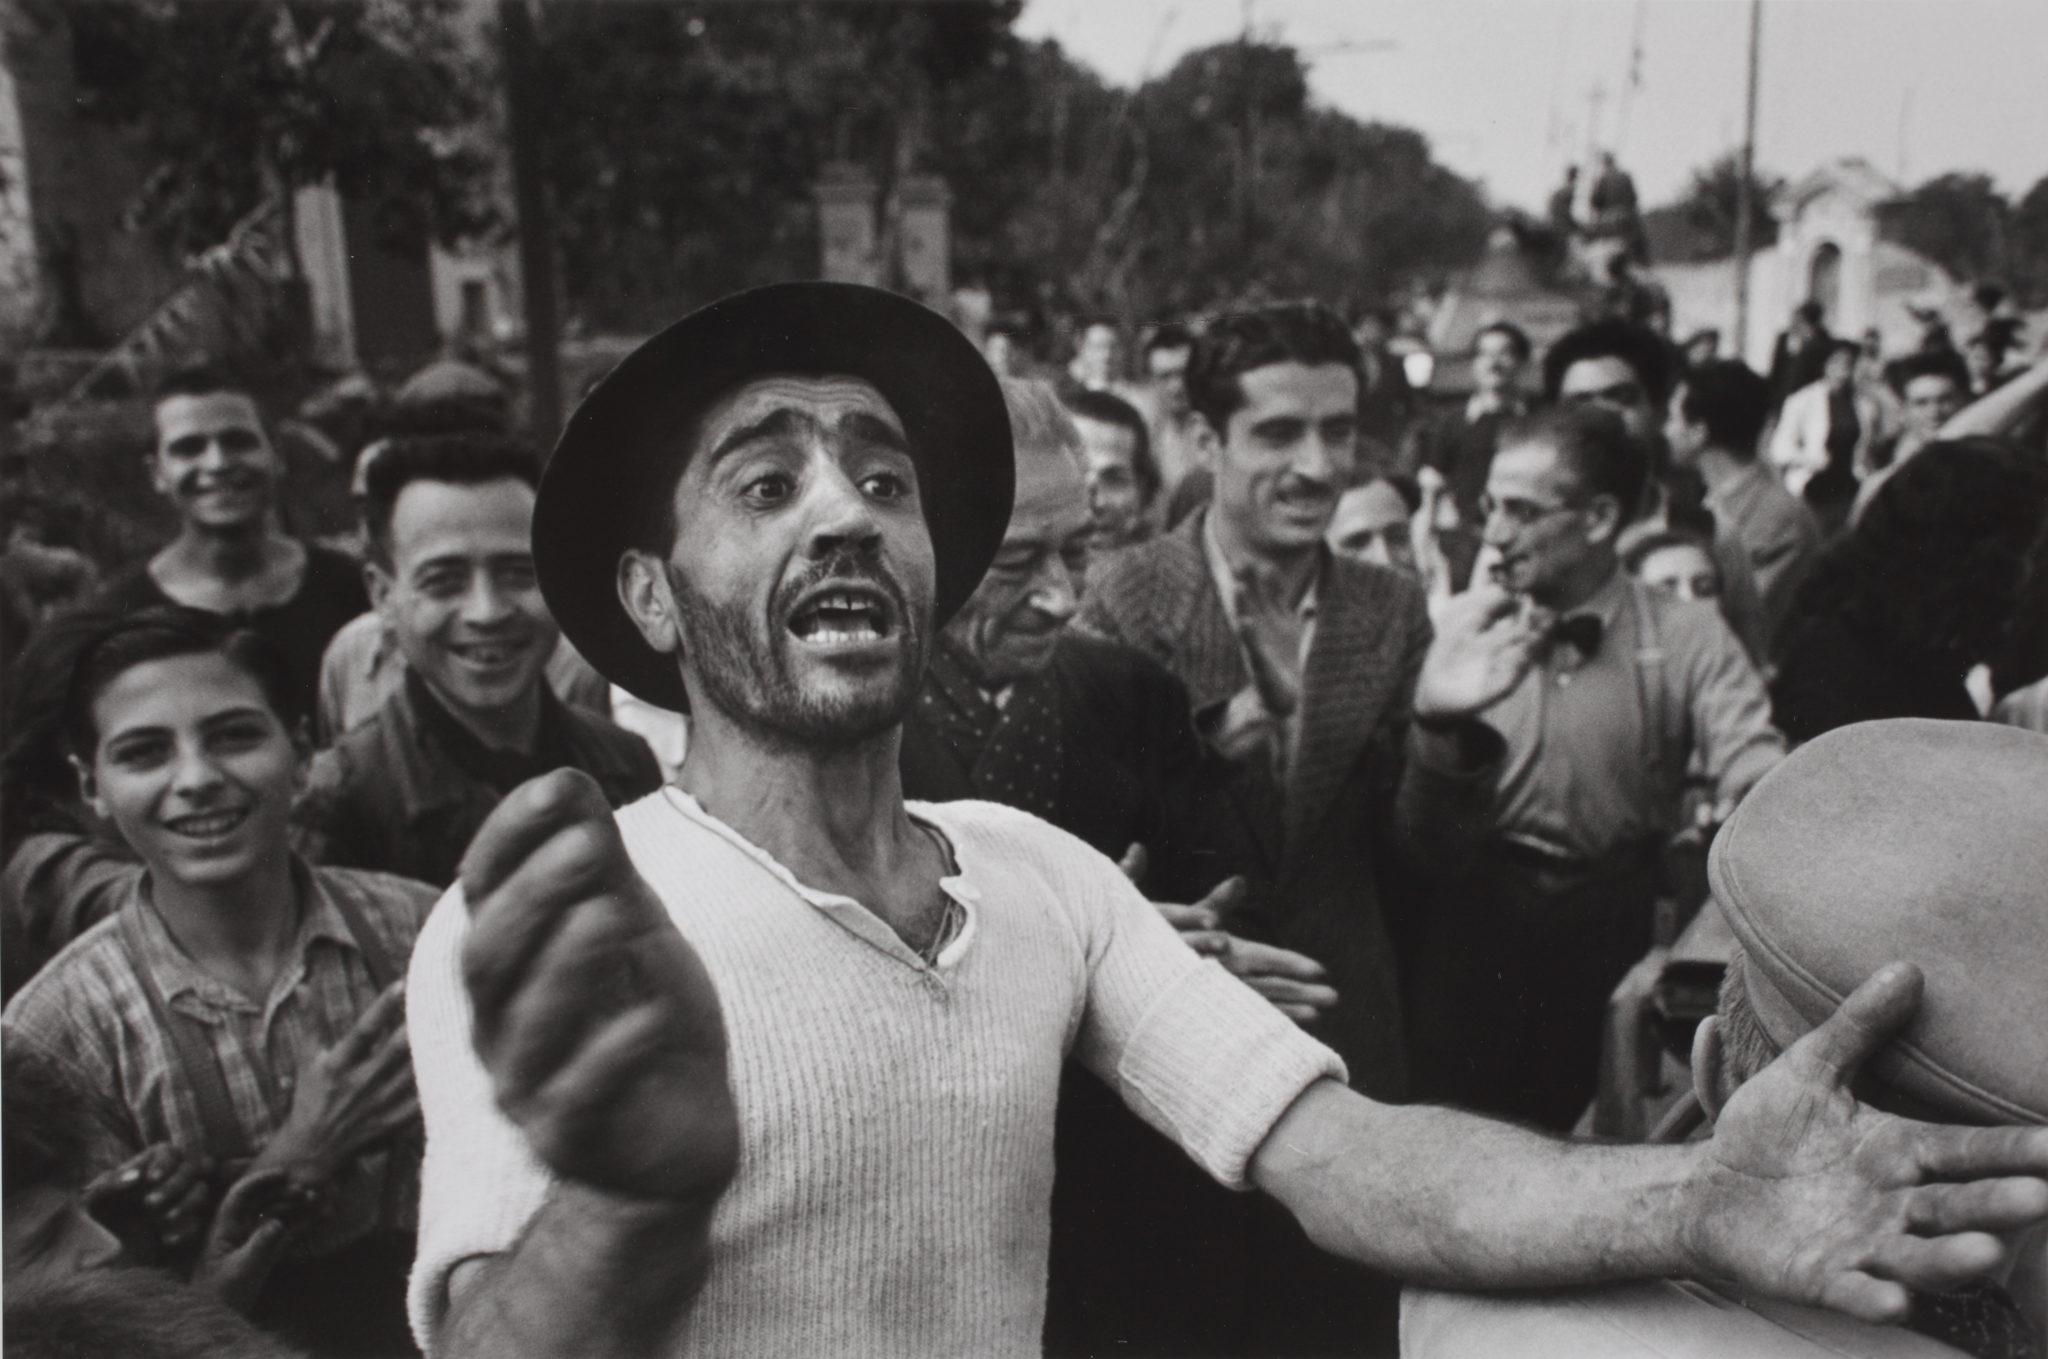 Benvenuto alle truppe americane a Monreale, 23 luglio 1943